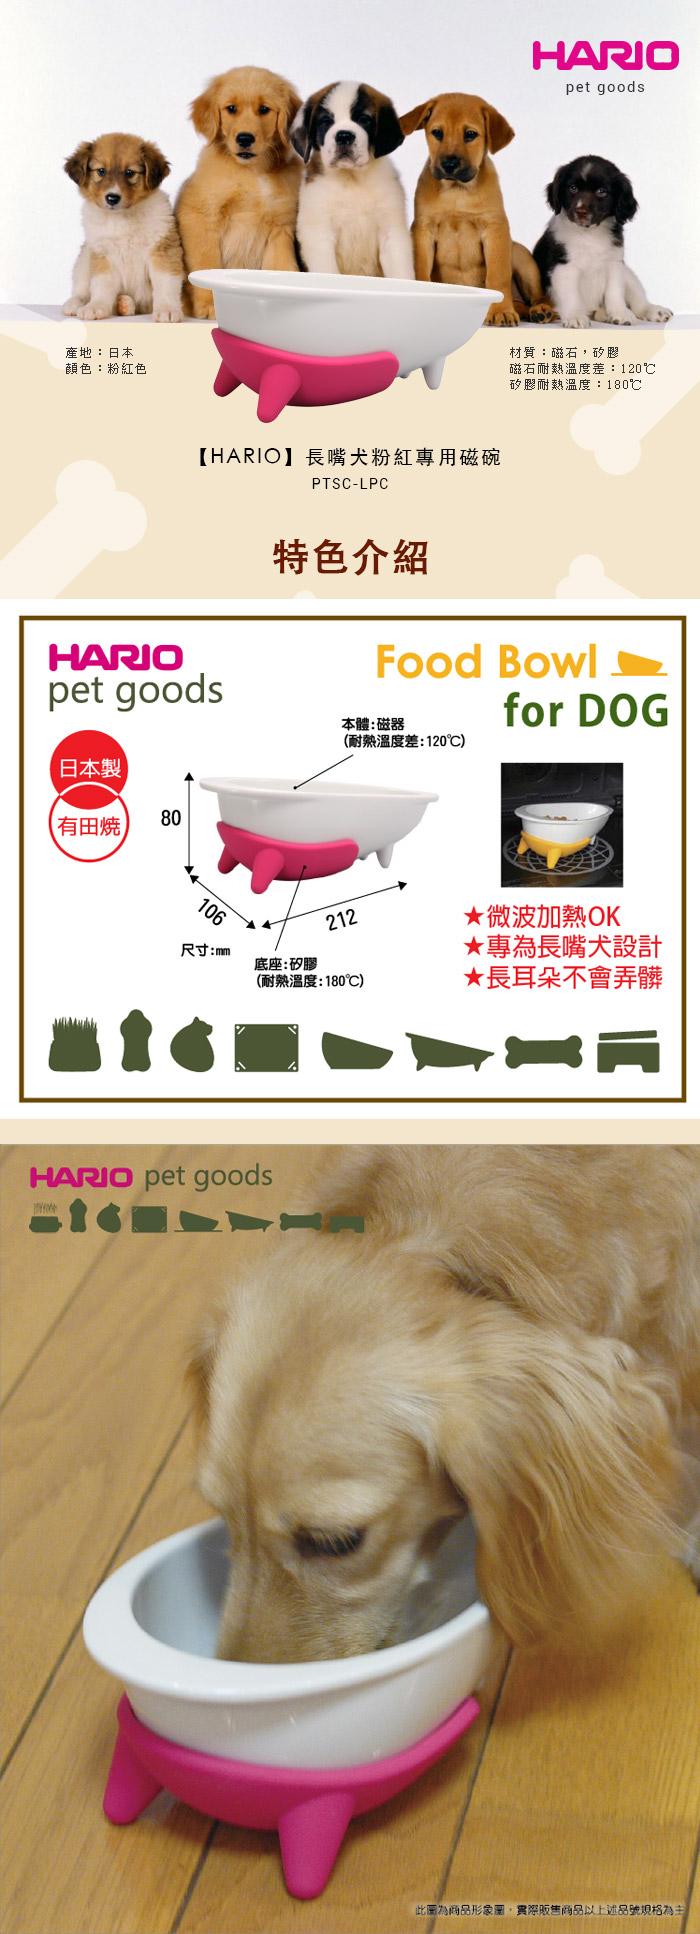 (複製)HARIO|黑色法鬥犬專用碗  PTS-BH-B